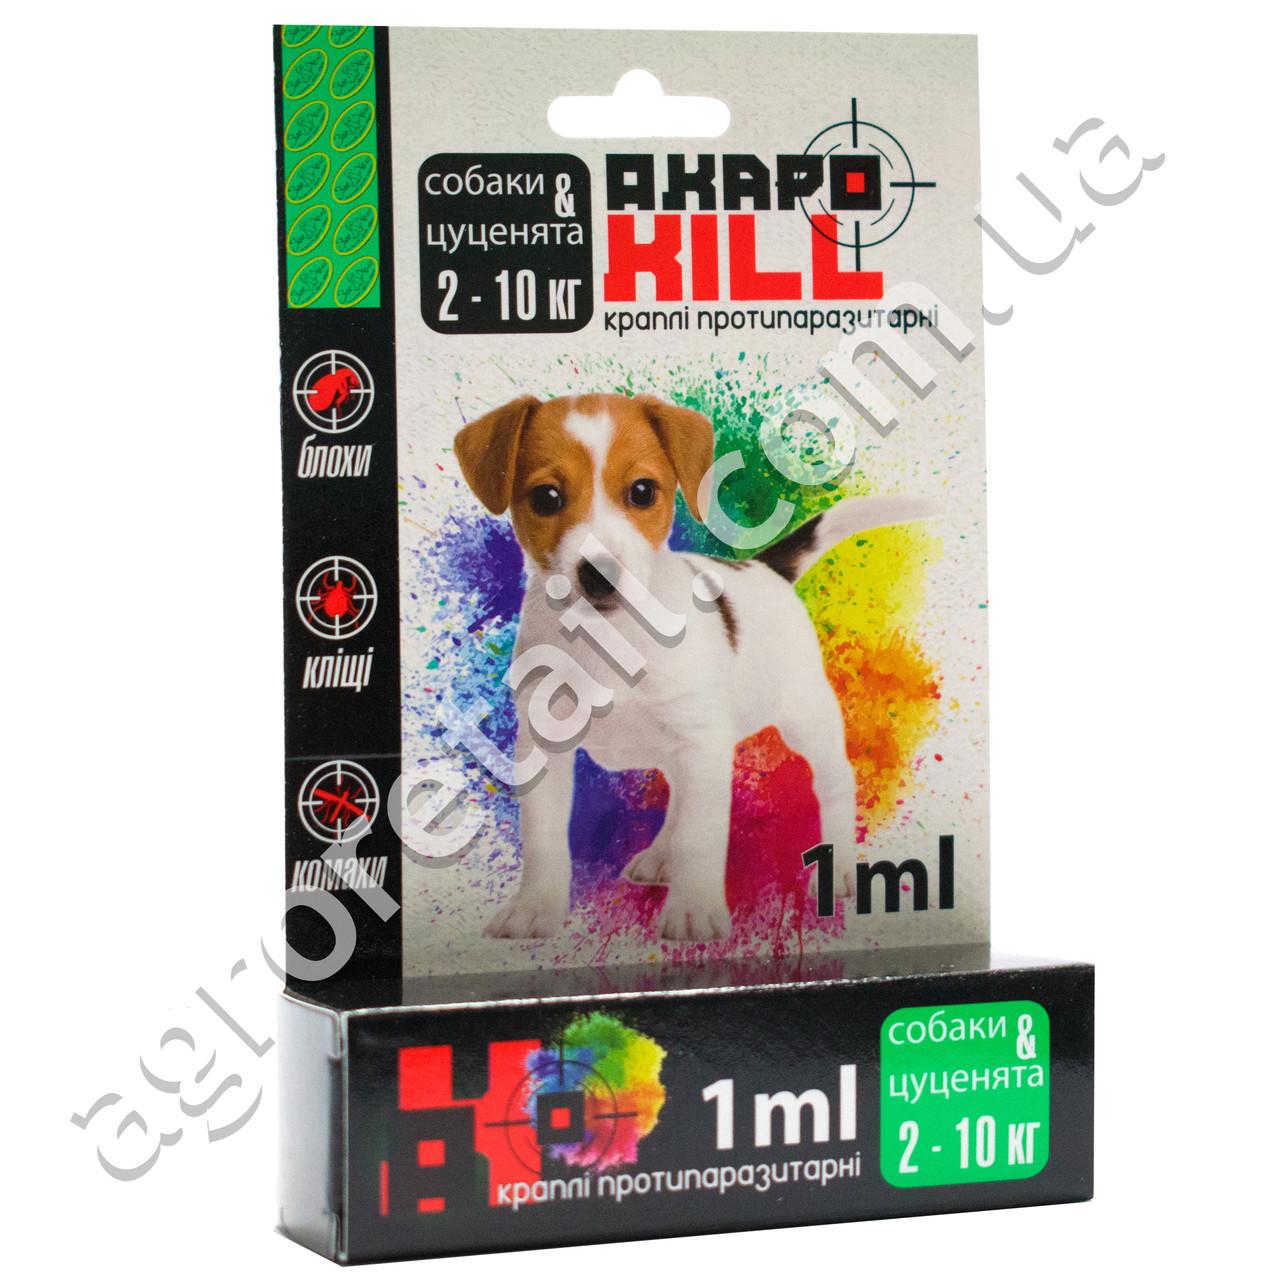 АкароKILL краплі для собак і цуценят від 2 до 10 кг 1 мл